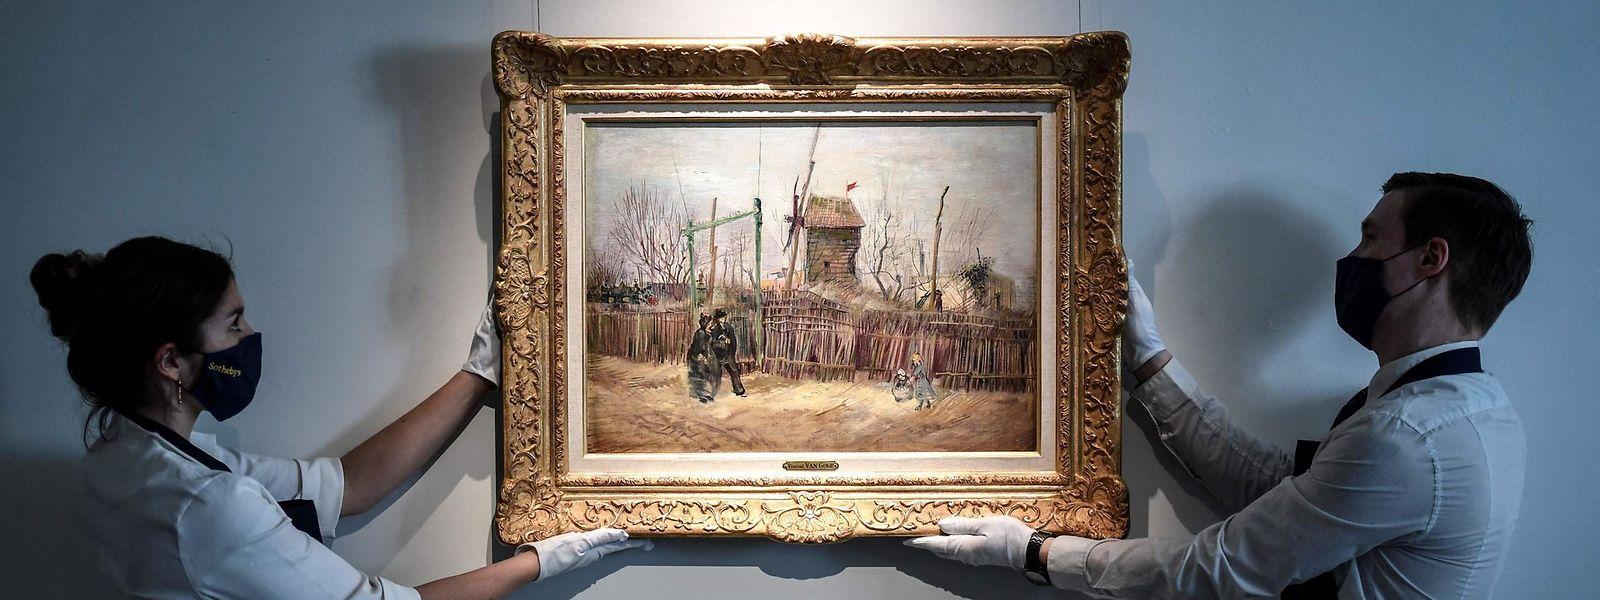 Un siècle après son acquisition par une riche famille française, la toile est mise aux enchères.